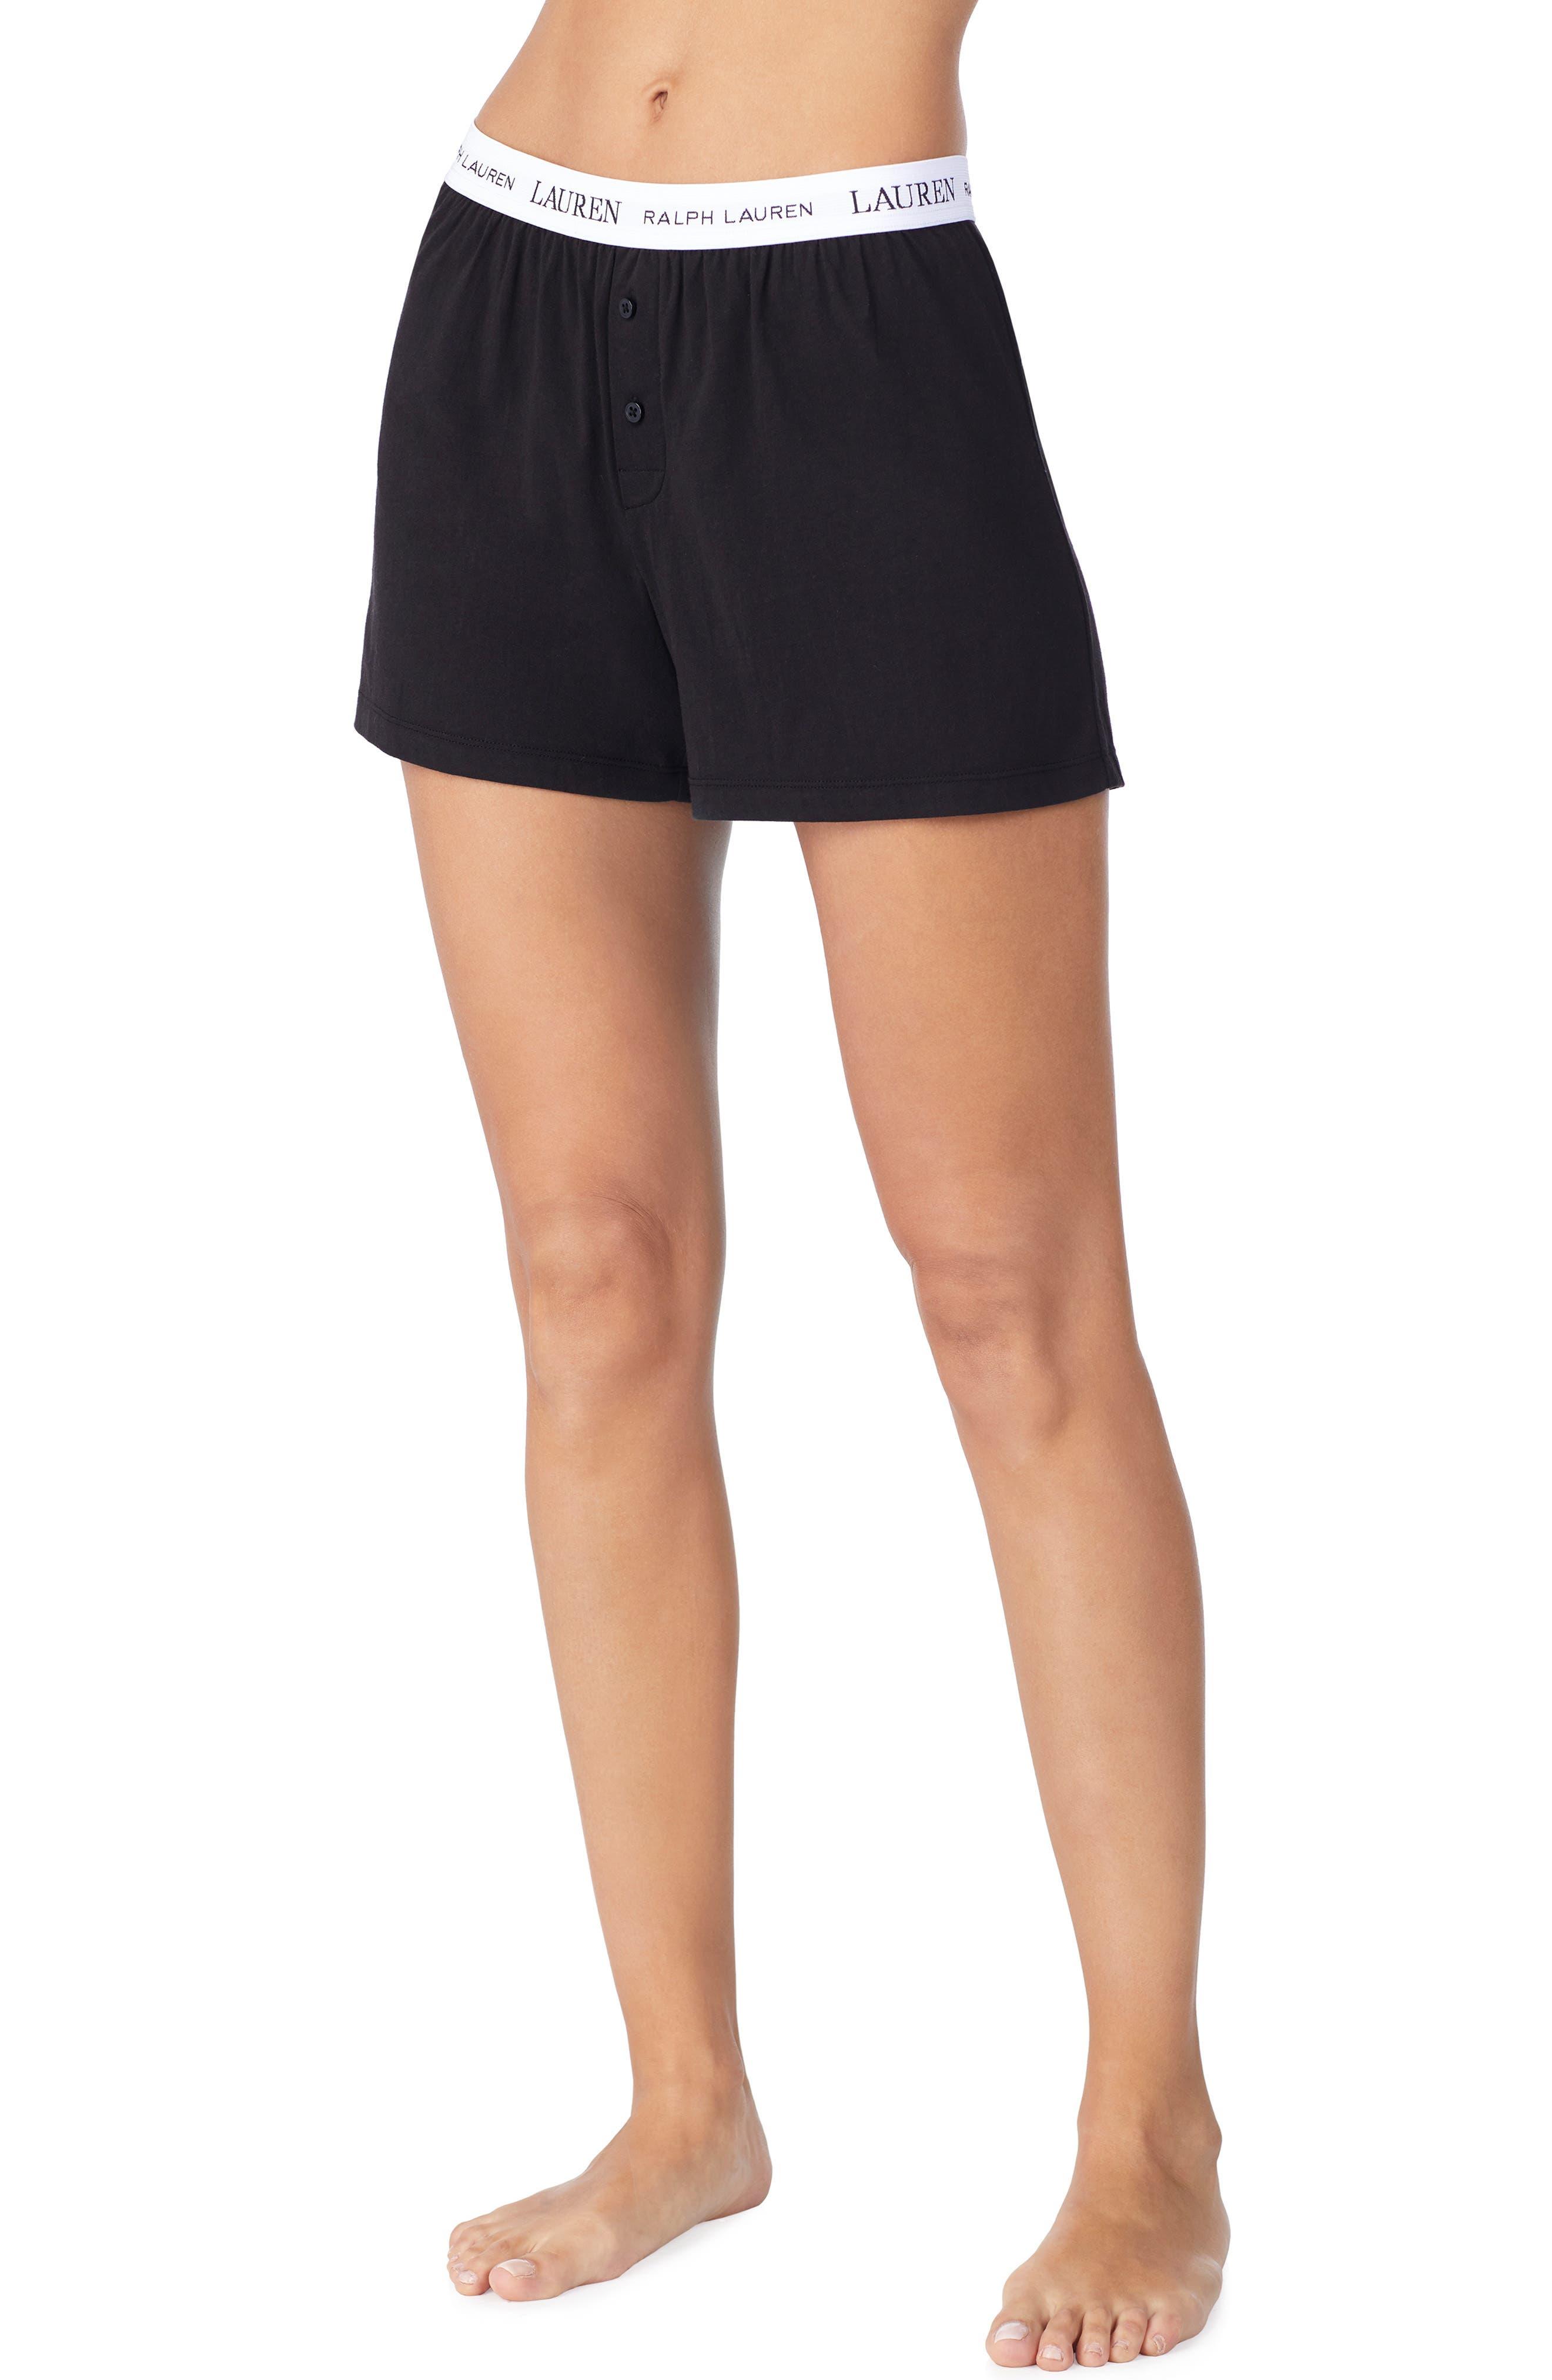 LAUREN RALPH LAUREN, Logo Elastic Boxer Lounge Shorts, Main thumbnail 1, color, BLACK